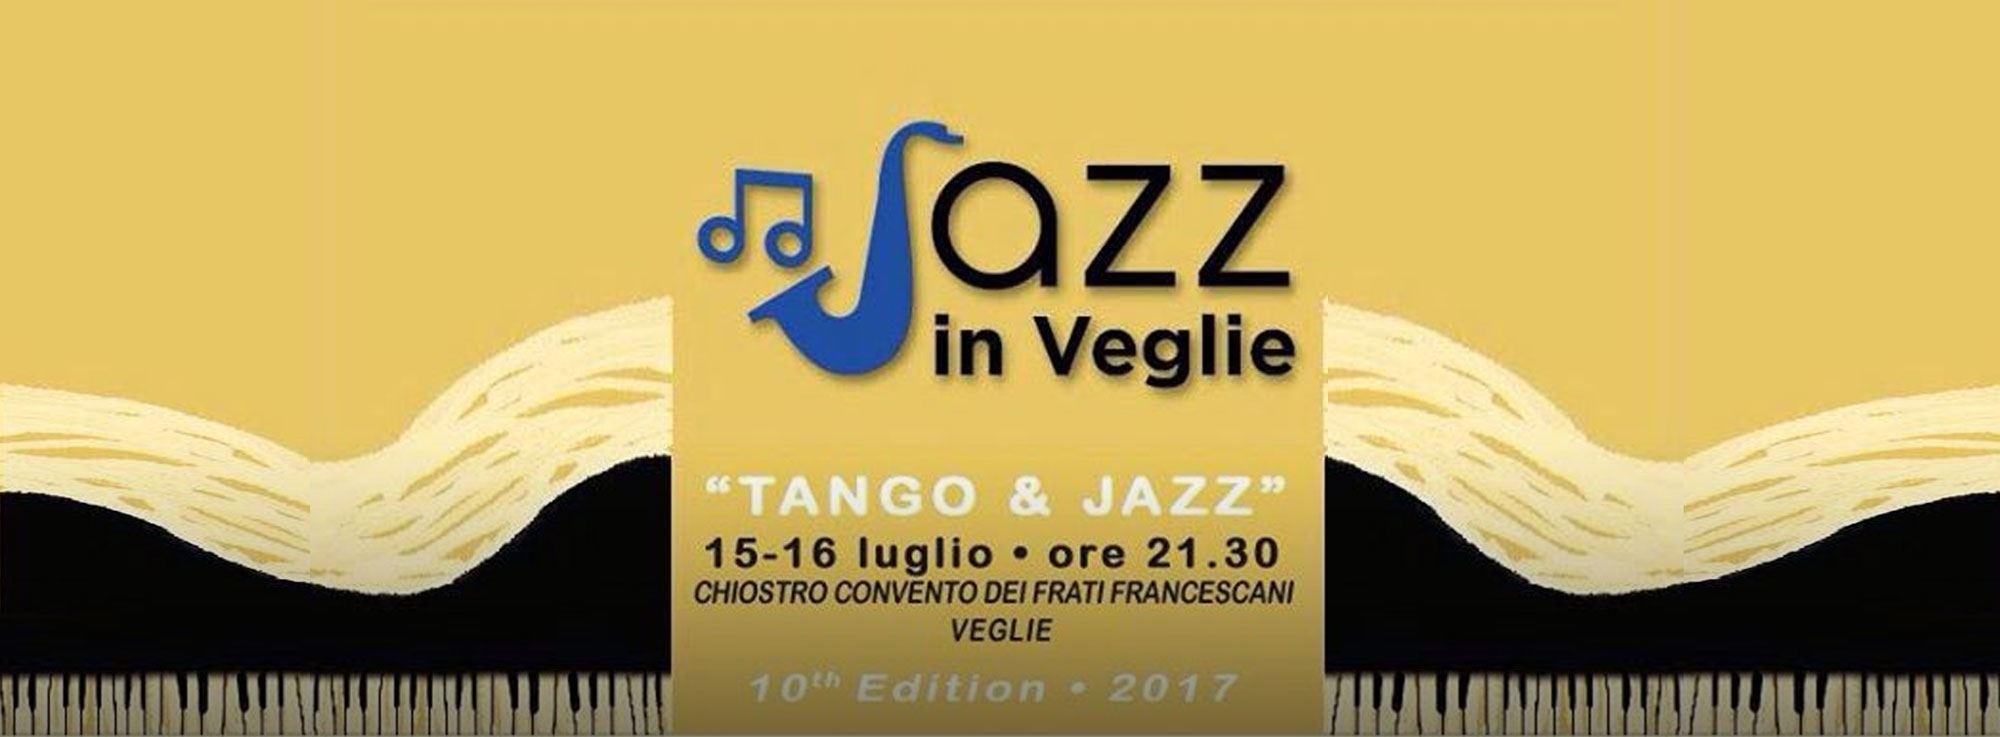 Veglie: Tango e Jazz